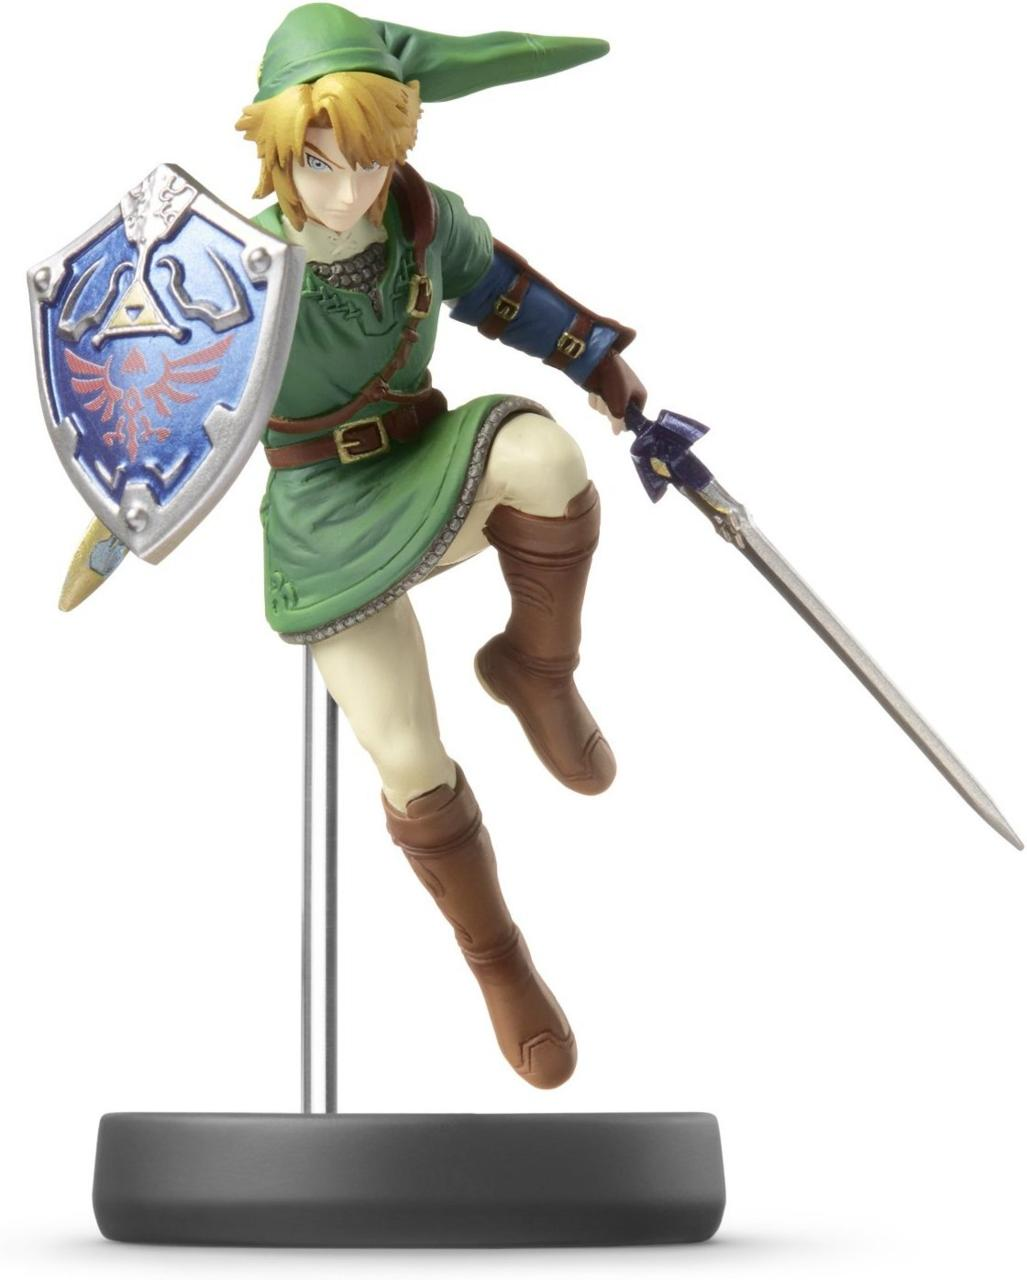 Smash Bros. Link